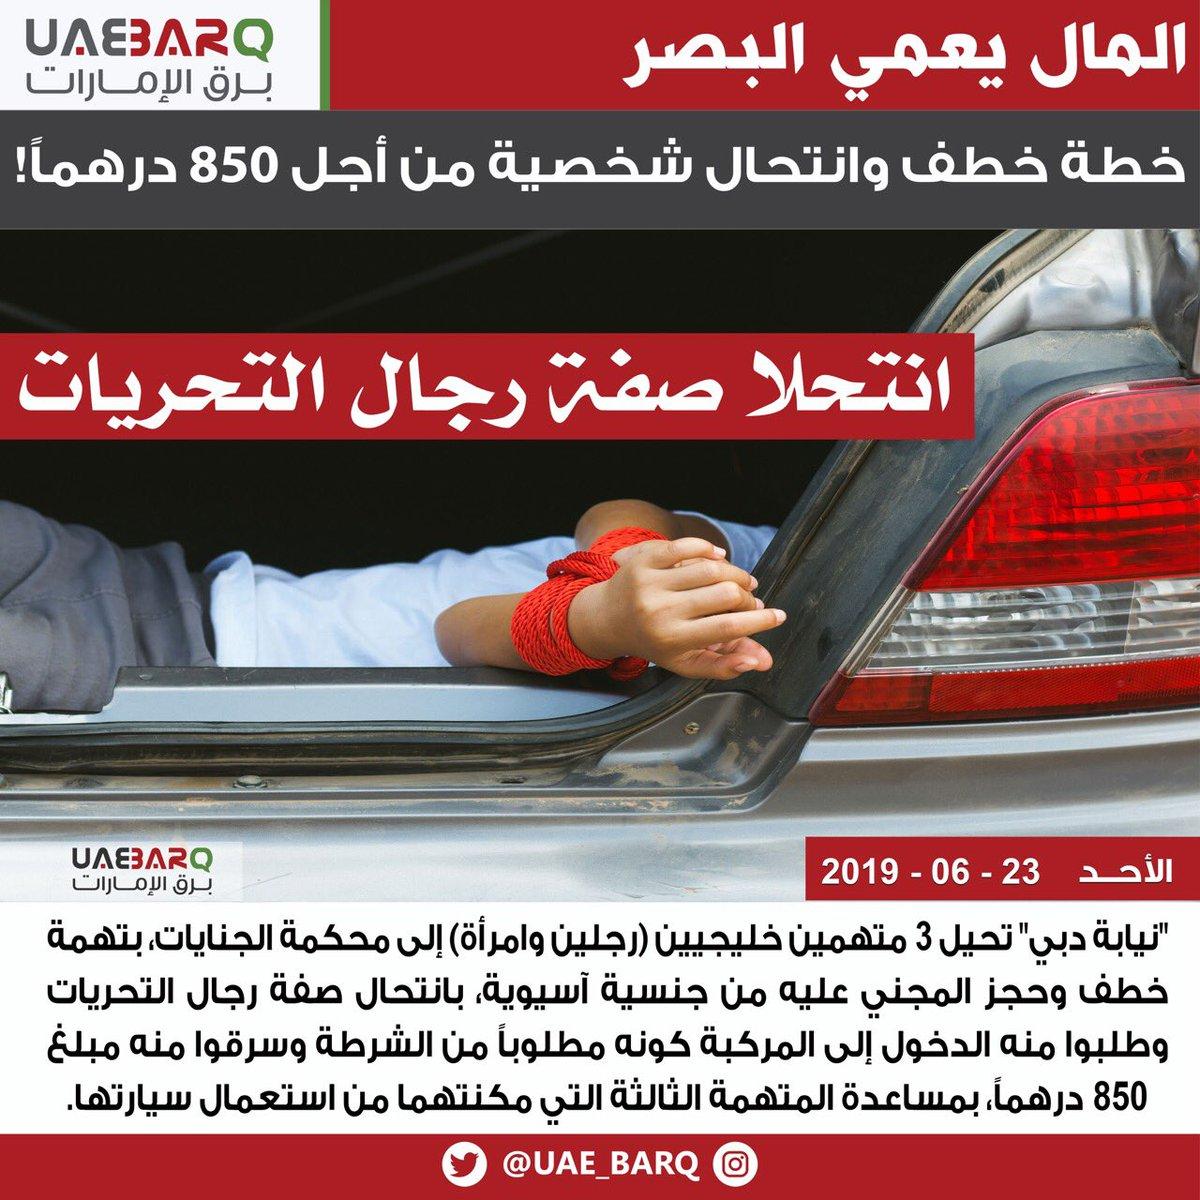 b0a351ea6 برق الإمارات (@UAE_BARQ) | Twitter